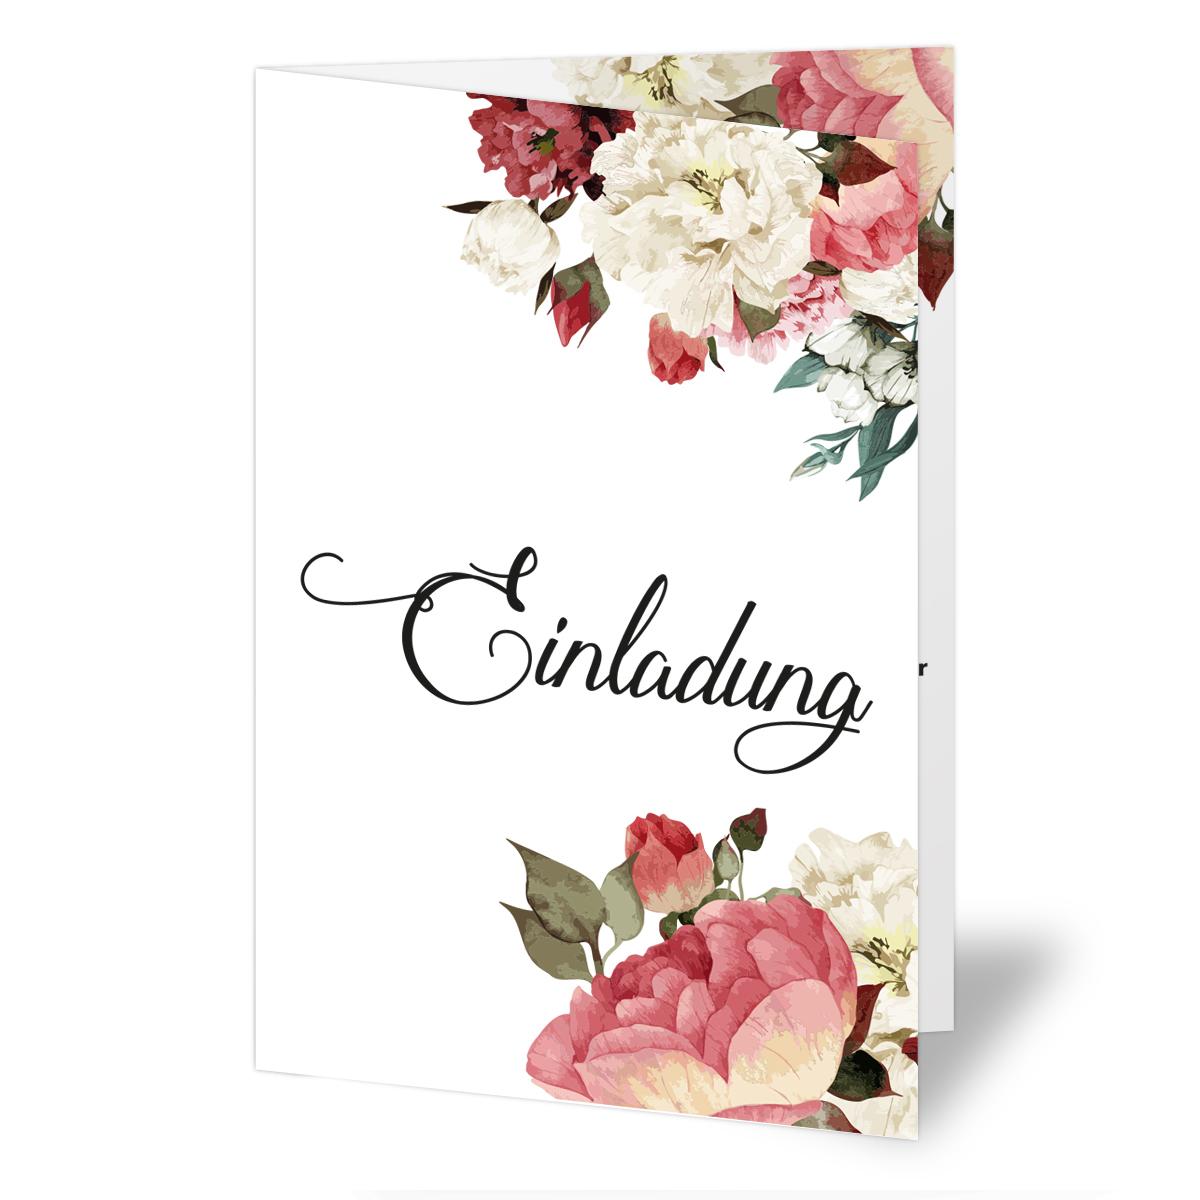 einladungen zur hochzeit blumen rosen klappkarten einladungskarten ebay. Black Bedroom Furniture Sets. Home Design Ideas